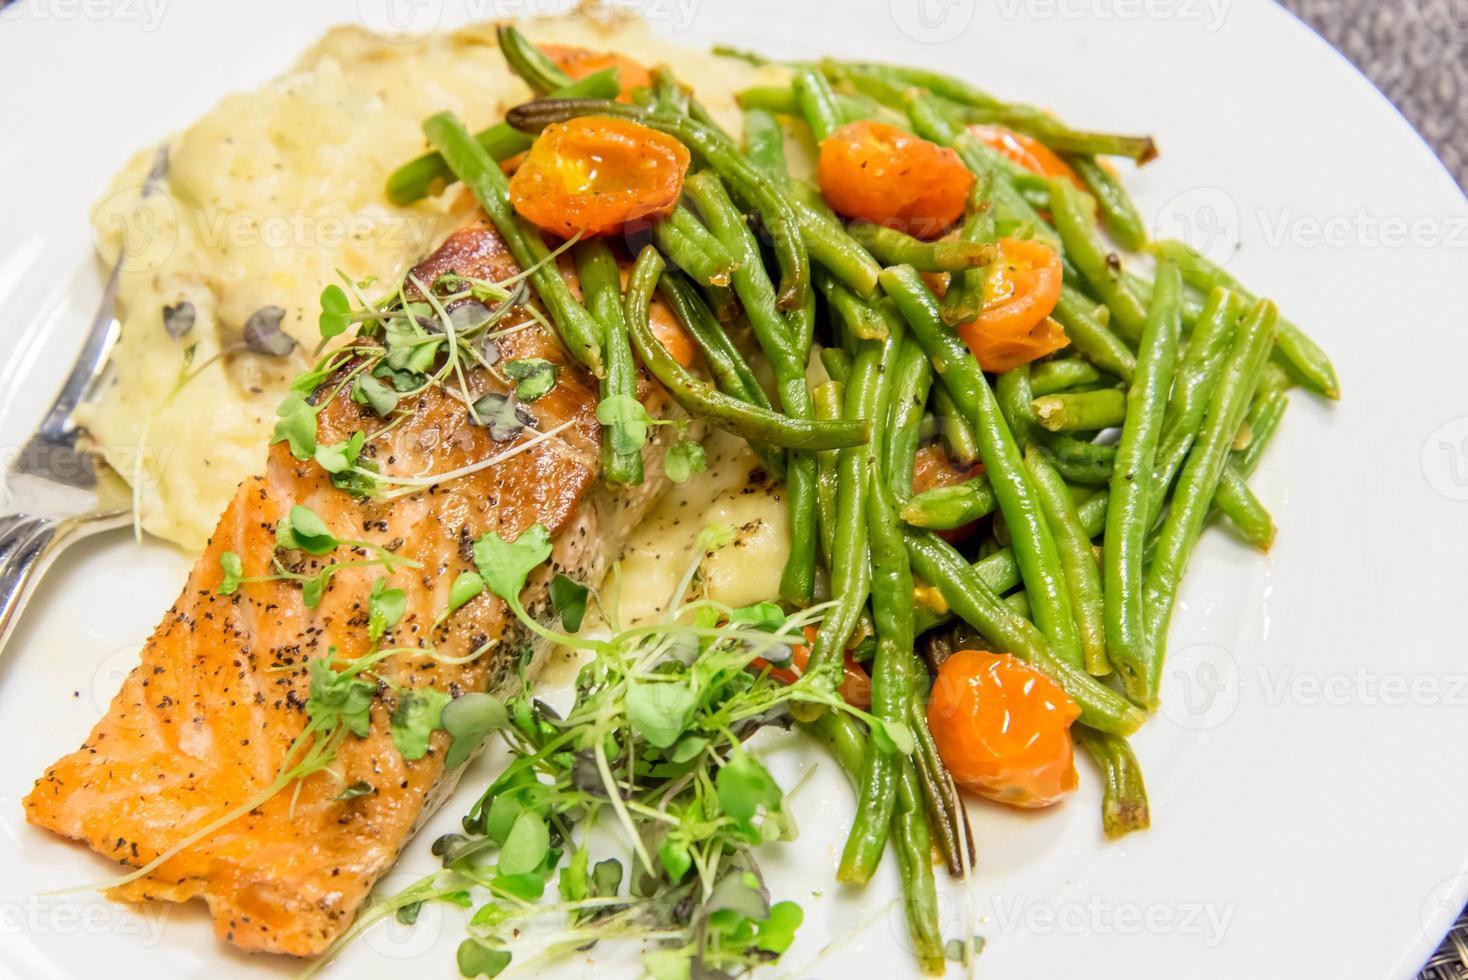 dîner de saumon nutritif avec haricots verts et tomates photo